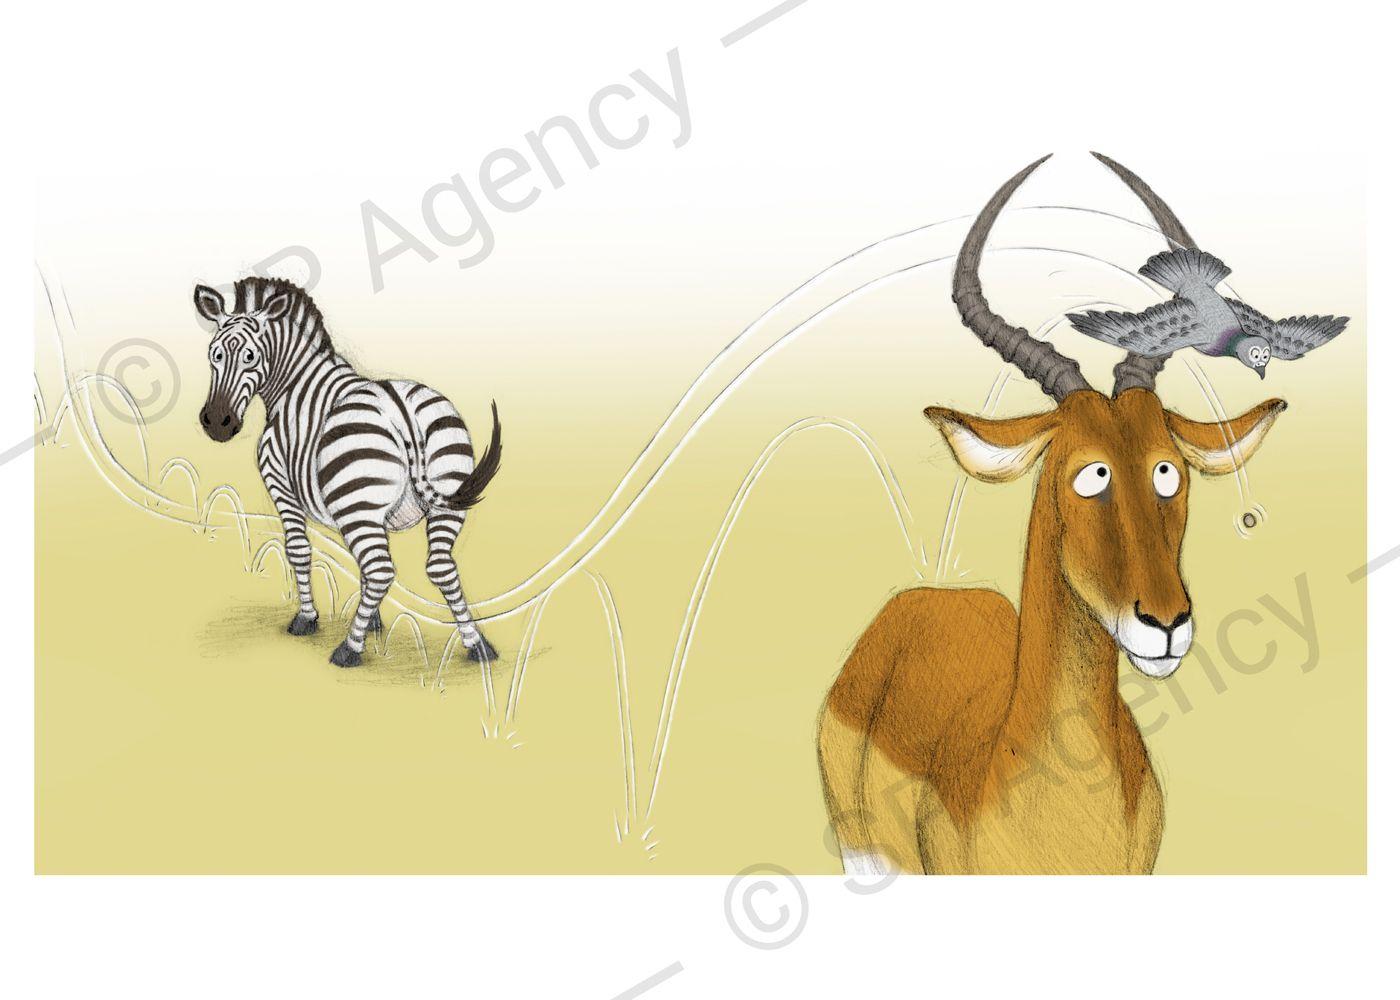 Percy---Zebra-and-Antelope